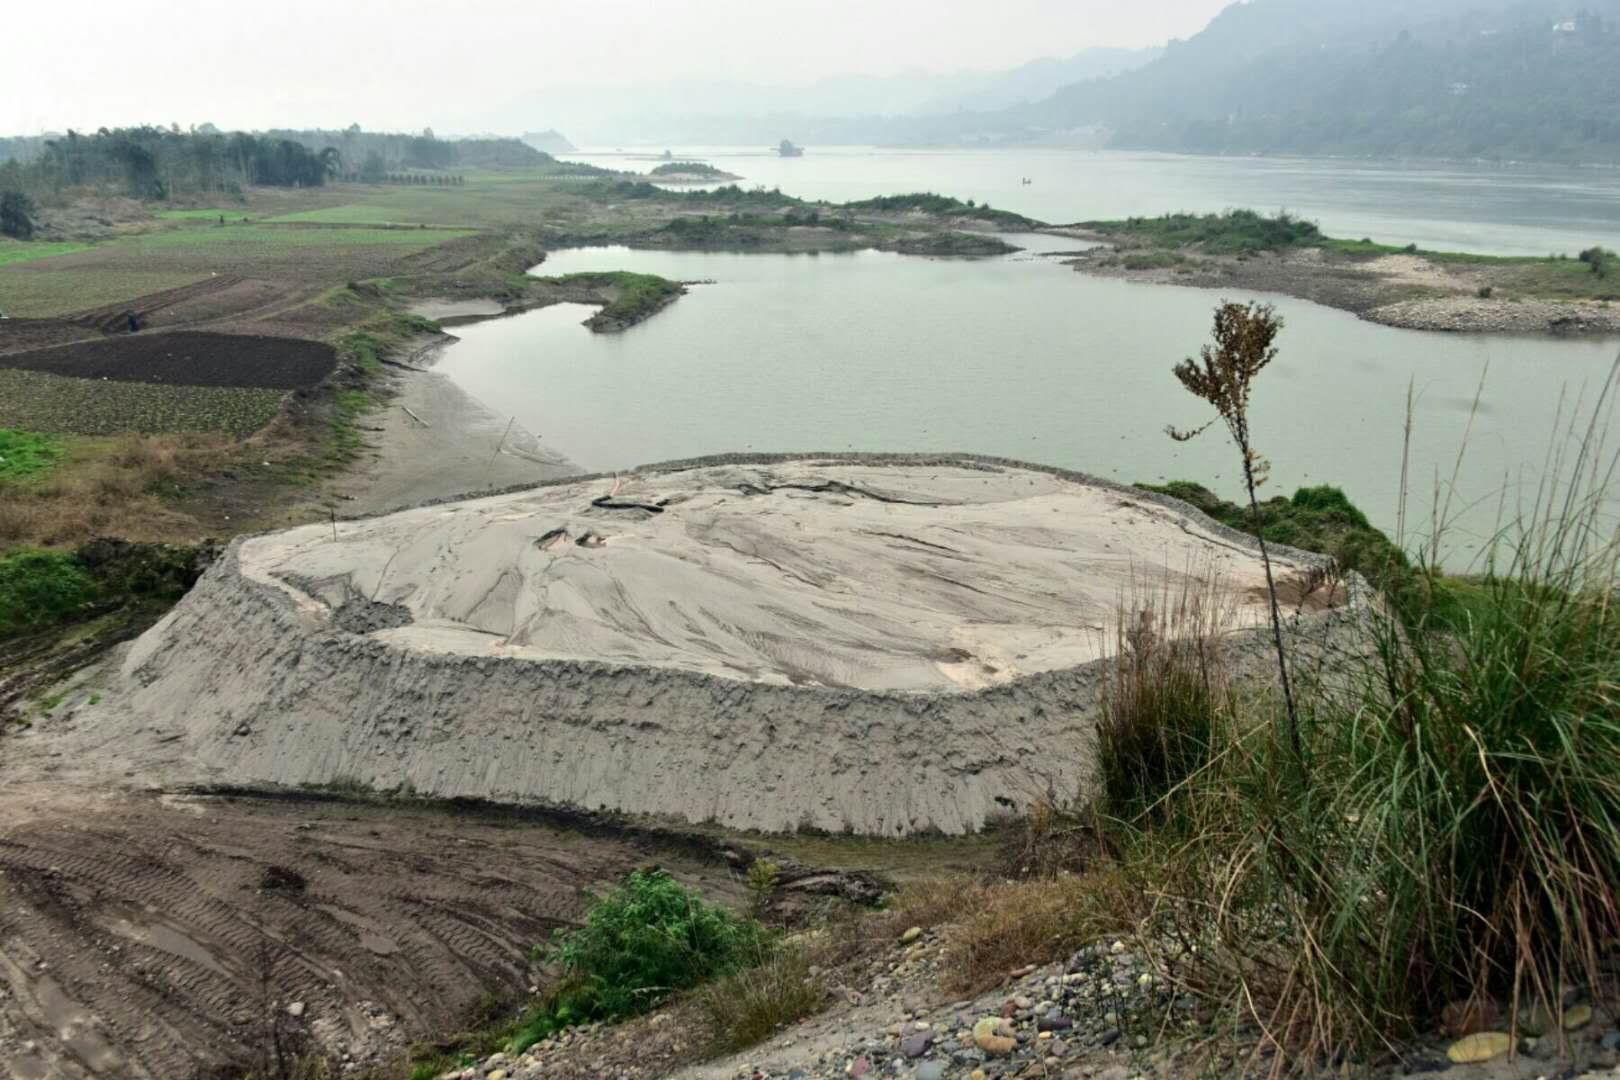 四川省岷江畔一度存在的固體廢物堆積體。攝影/章軻